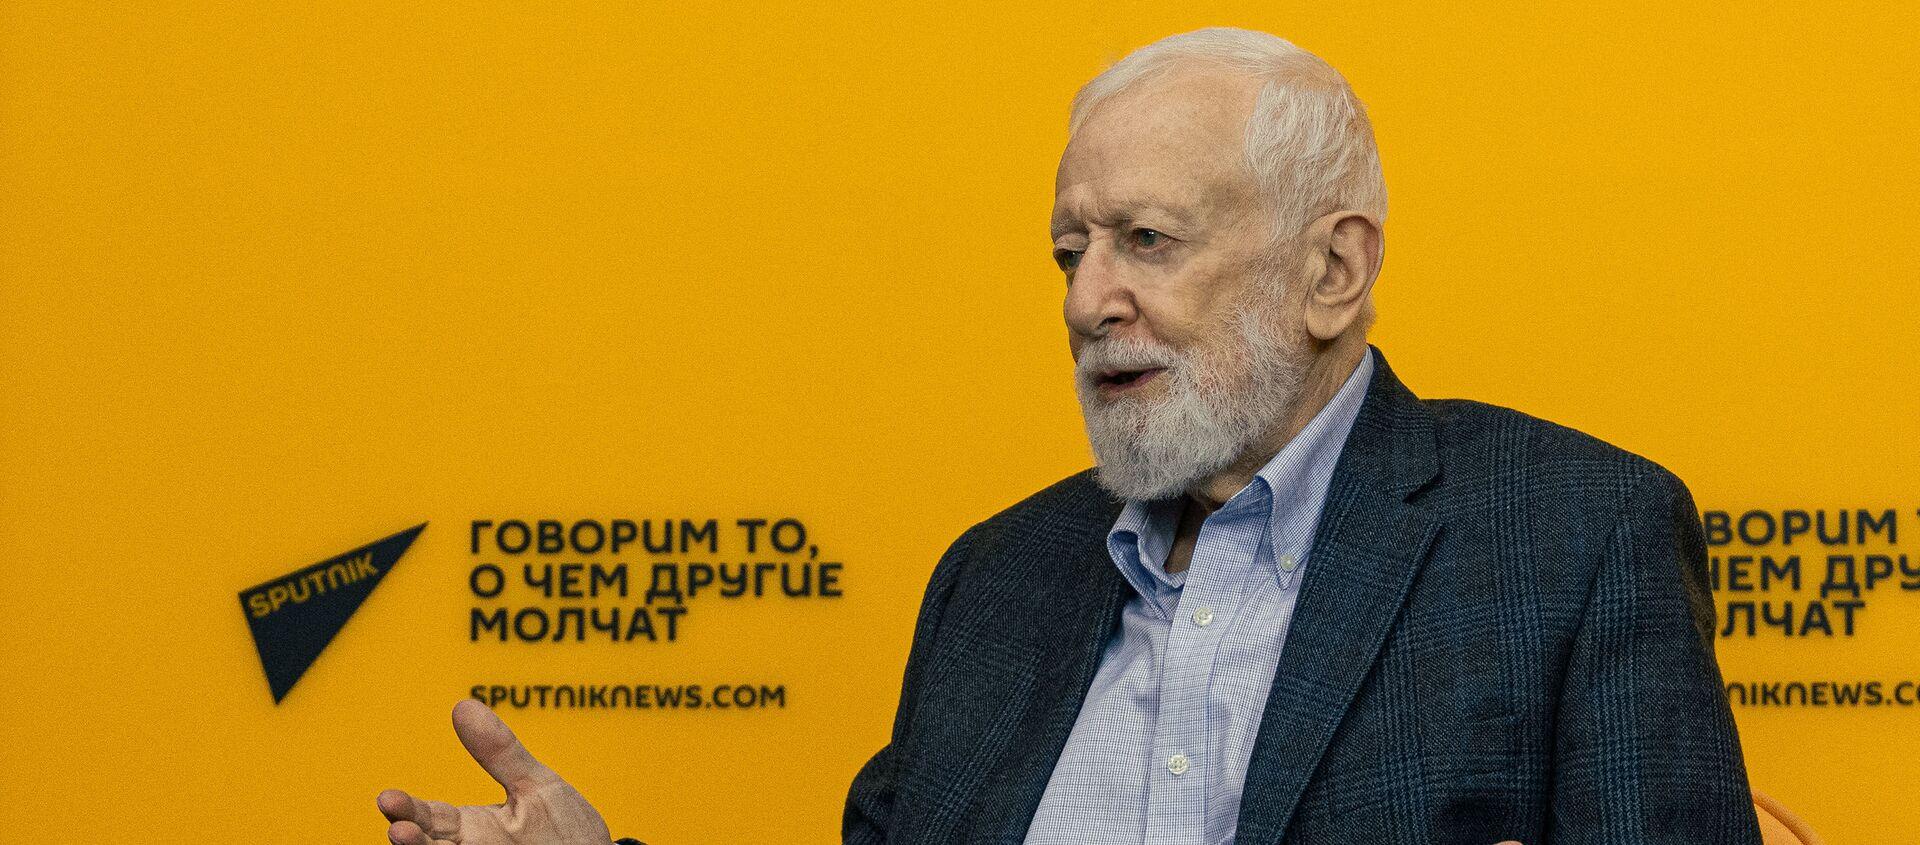 Анатолий Альштейн, вирусолог, доктор медицинских наук, член Нью-Йоркской академии наук - Sputnik Беларусь, 1920, 20.04.2021